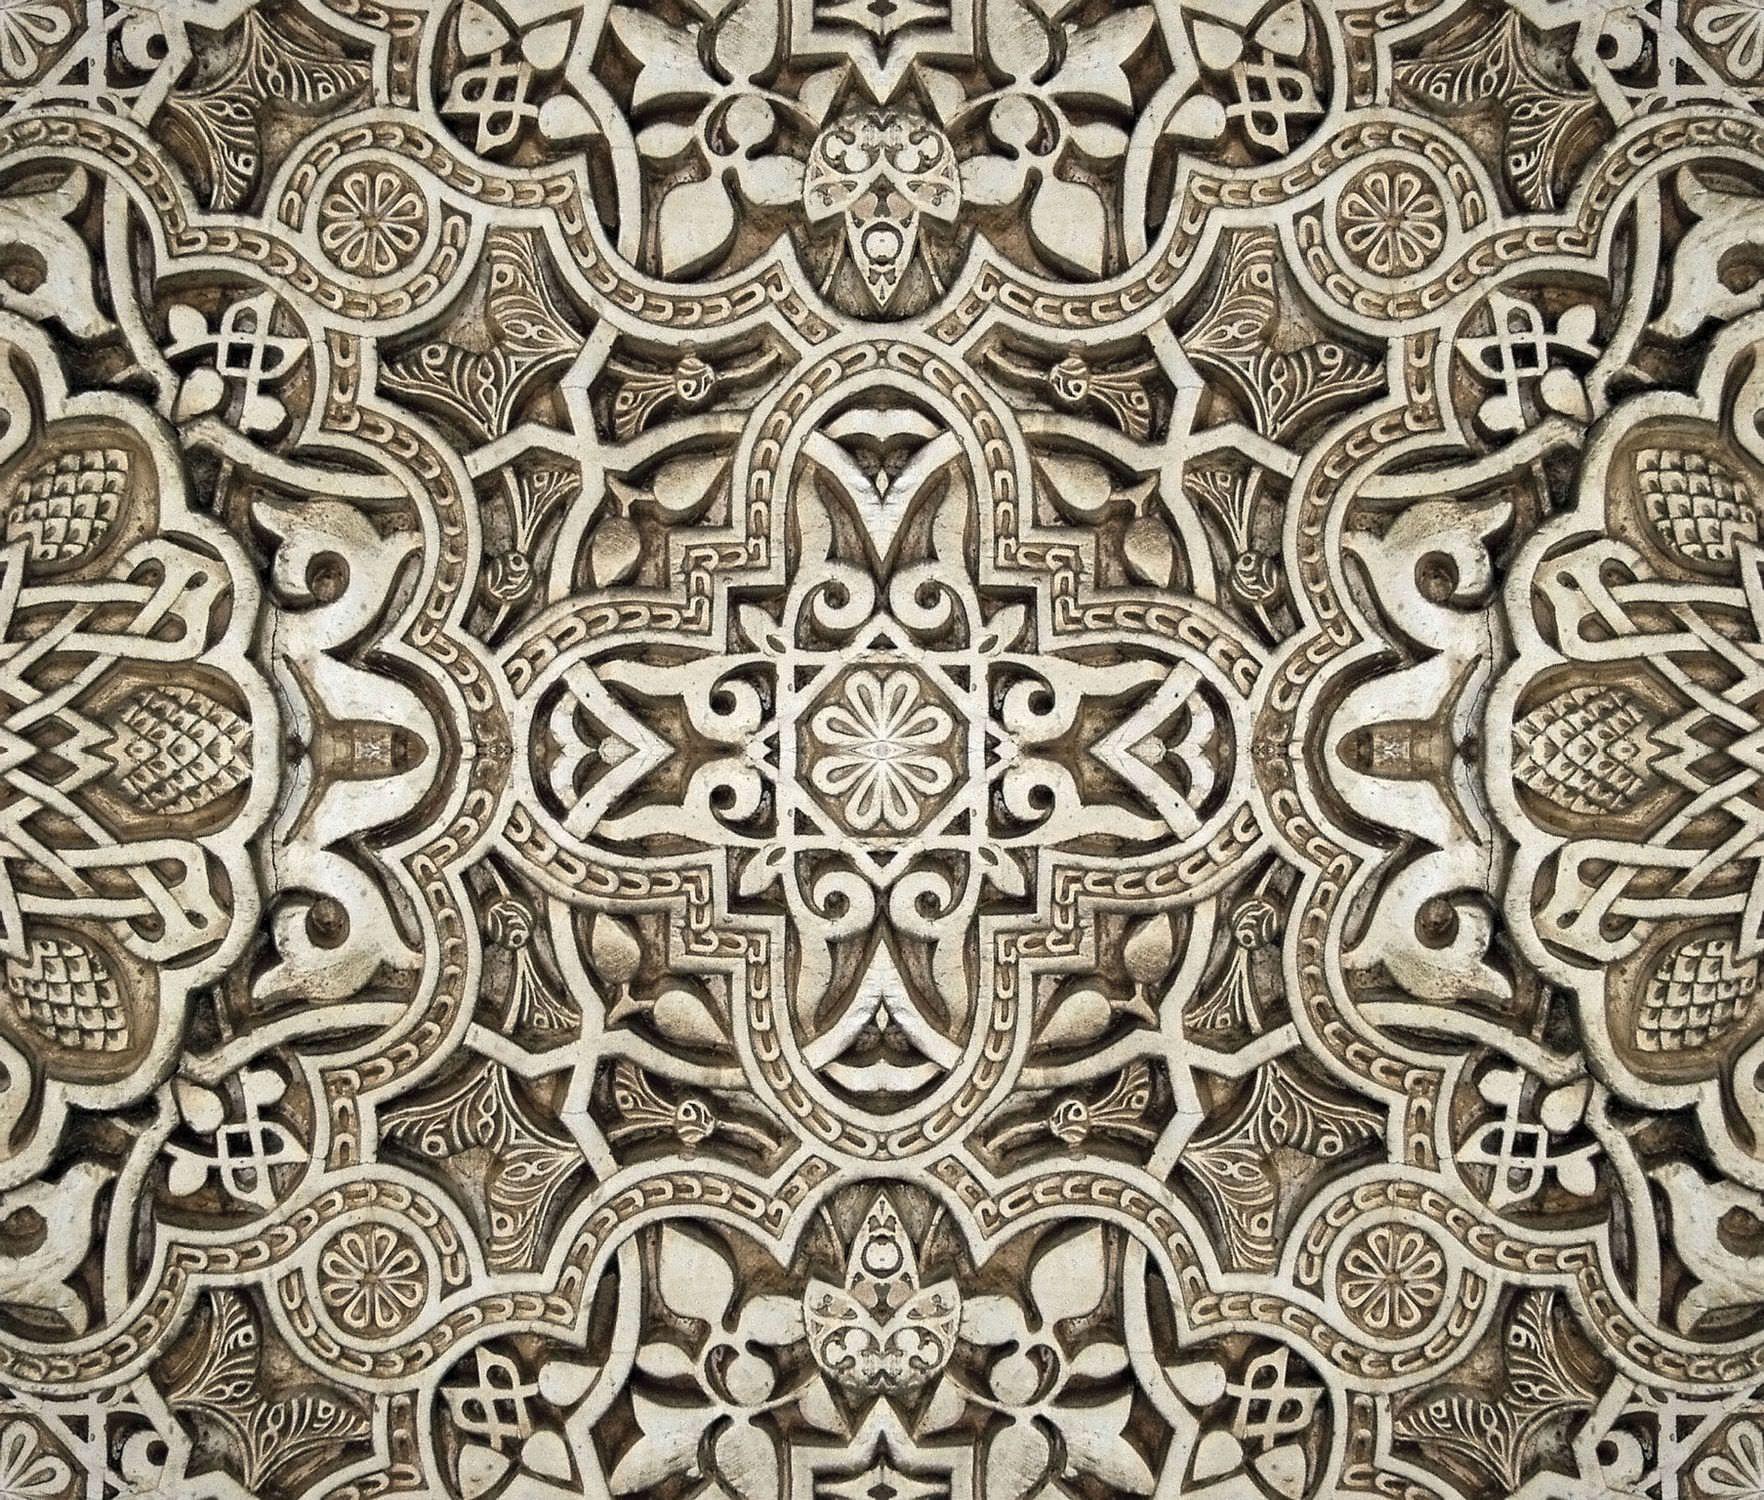 Papier Peint Oriental En Vinyle A Motif A Effet Dimensionnel